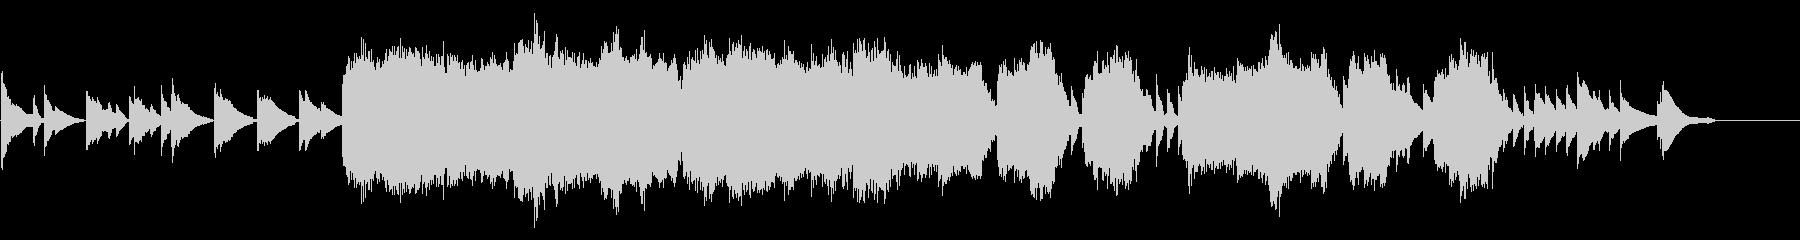 ピアノとバイオリンの切ないバラードの未再生の波形